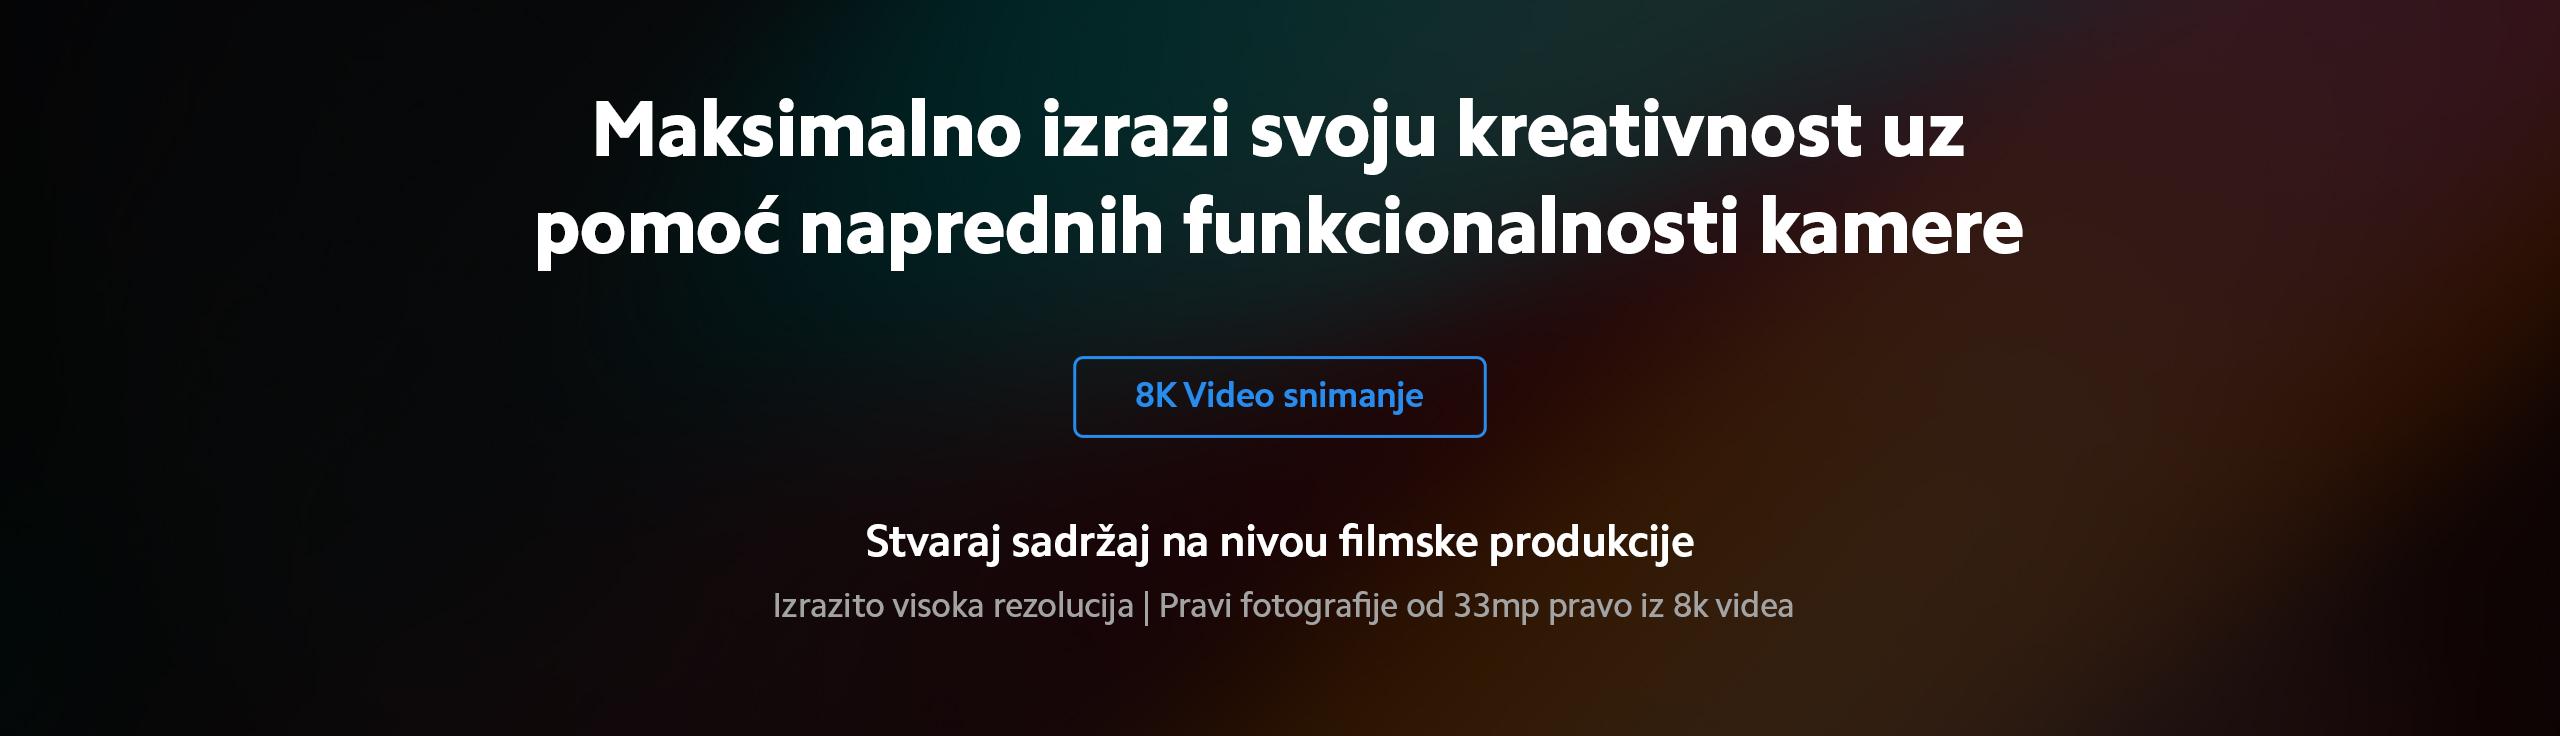 https://mi-srbija.rs/storage/media/2020/11/5/03db5130-3b8a-4792-aa09-7be6642c1396.jpg